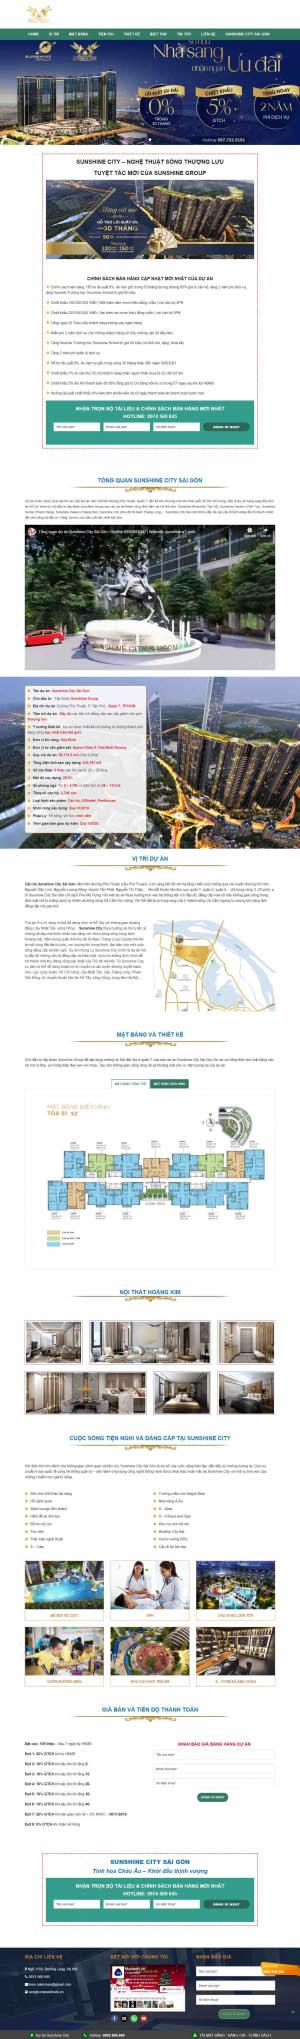 Mẫu giao diện thiết kế website bất động sản uy tín